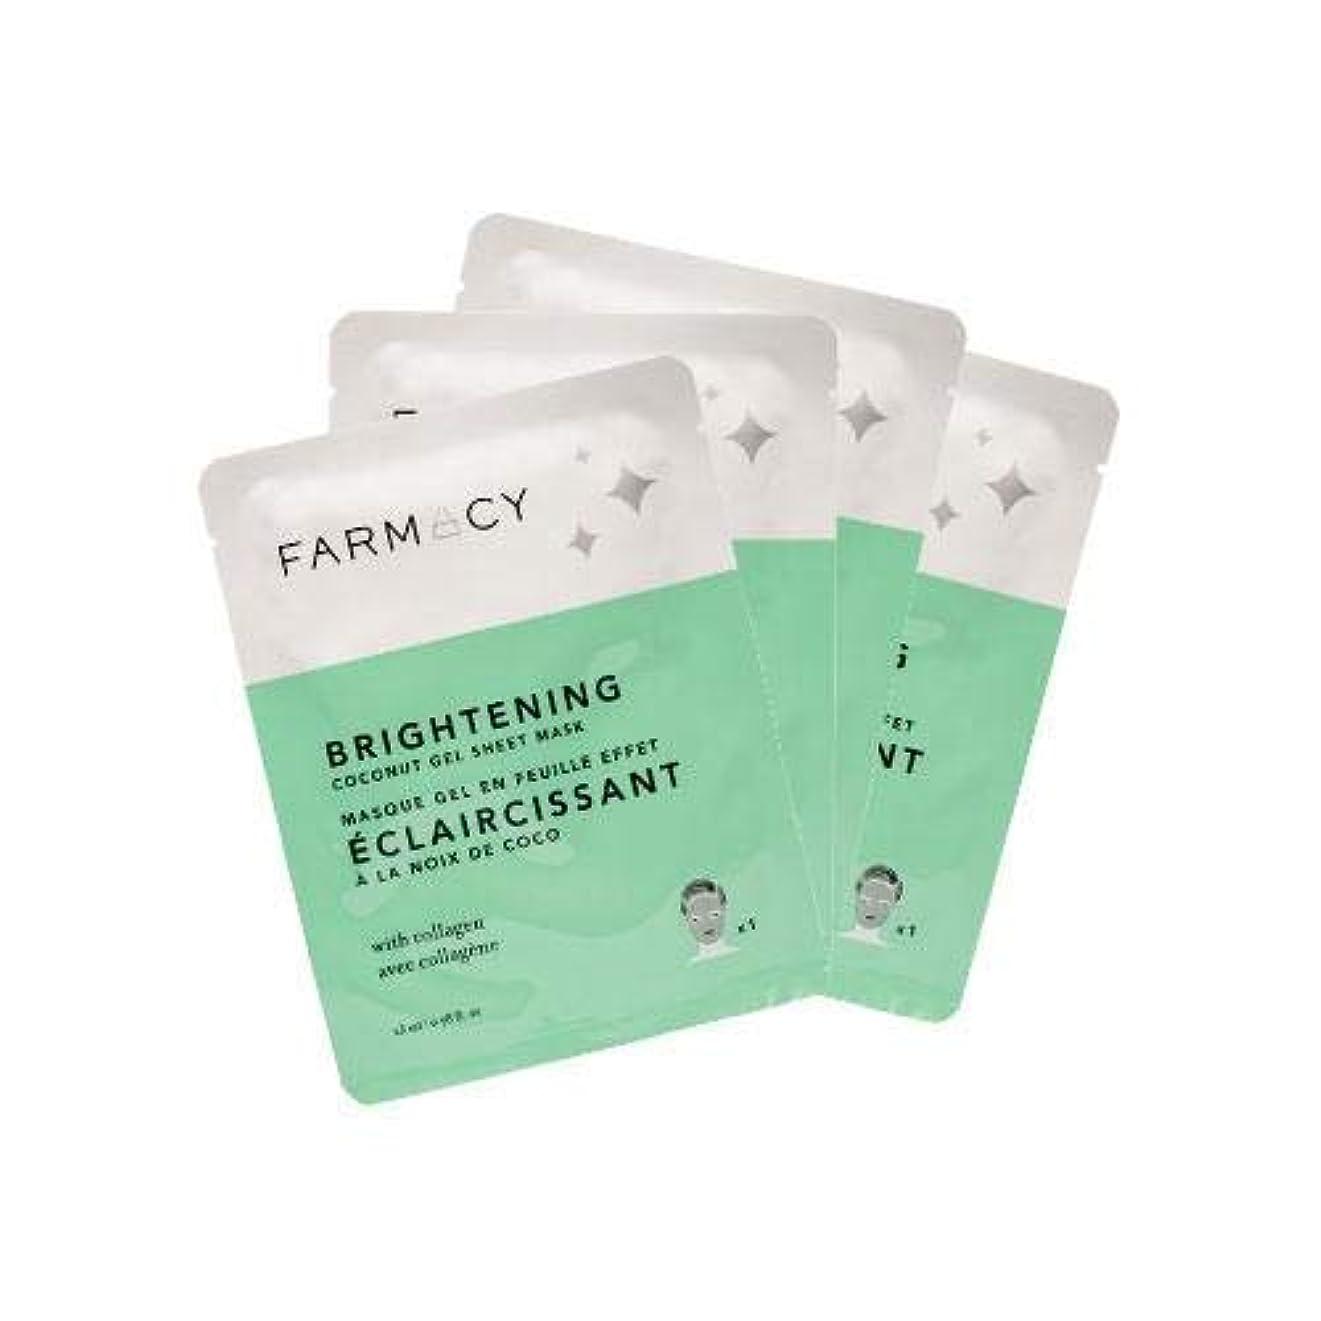 効果ひいきにするビットファーマシー Farmacy ブライトニングシートマスク 4枚セット ココナッツジェル シートマスク パック